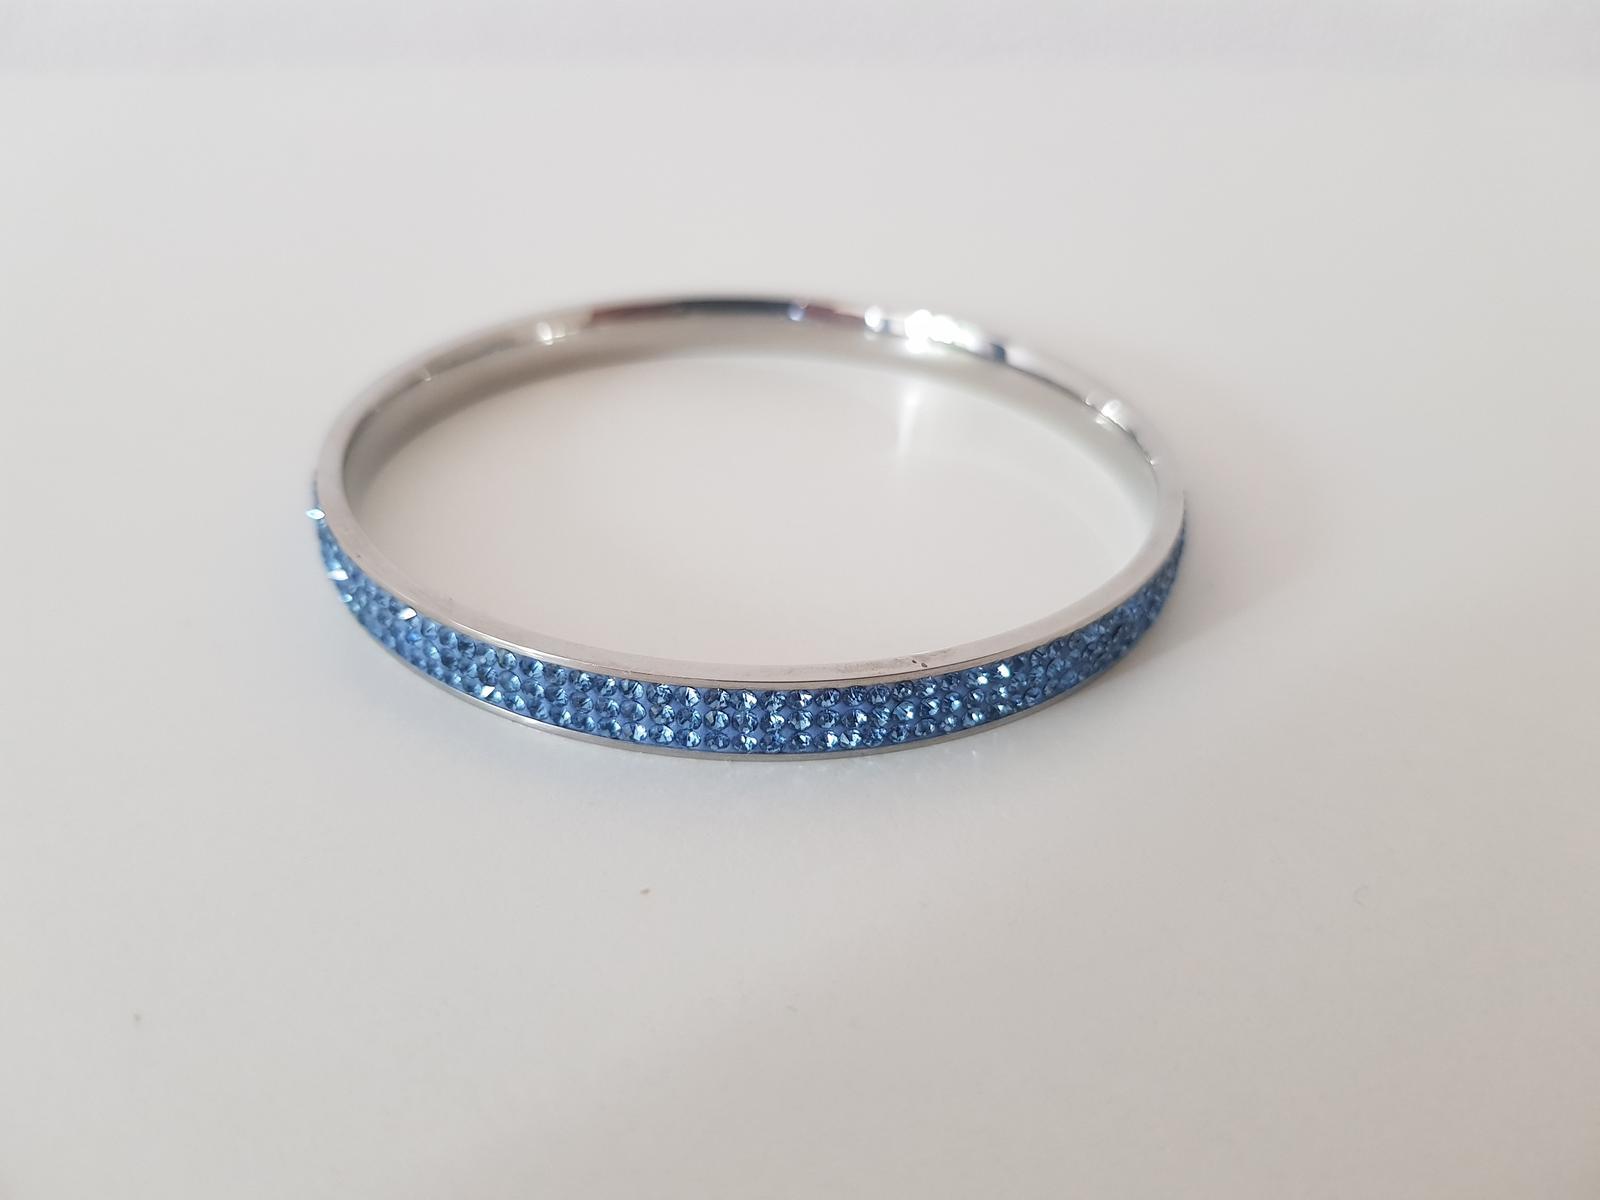 Swarovski modrý náramok - Obrázok č. 1